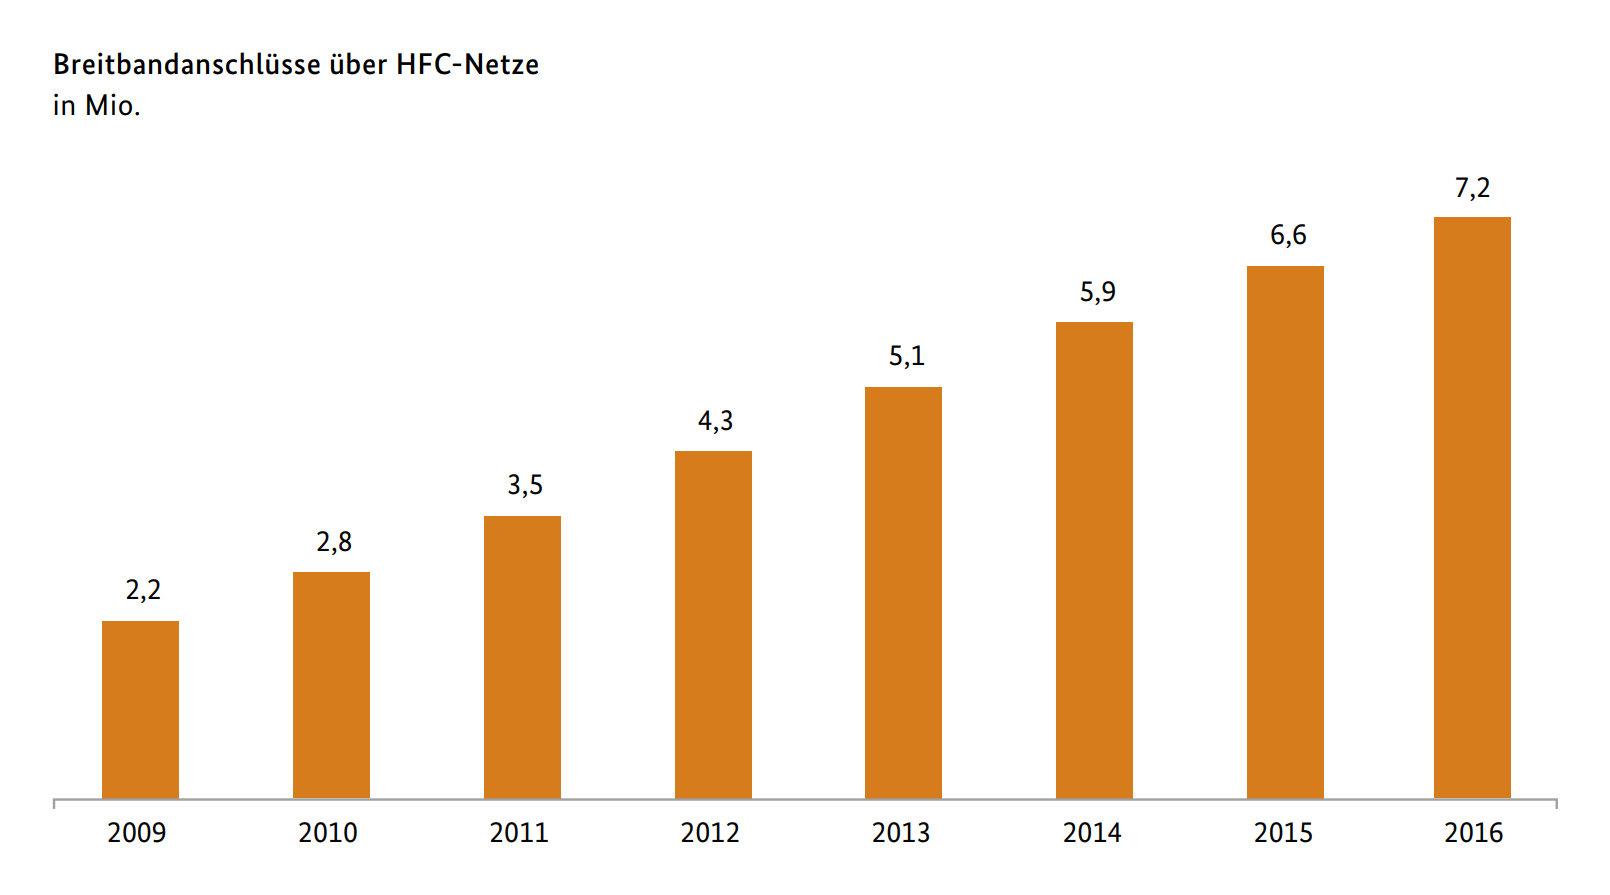 HFC-Netze werden immer beliebter